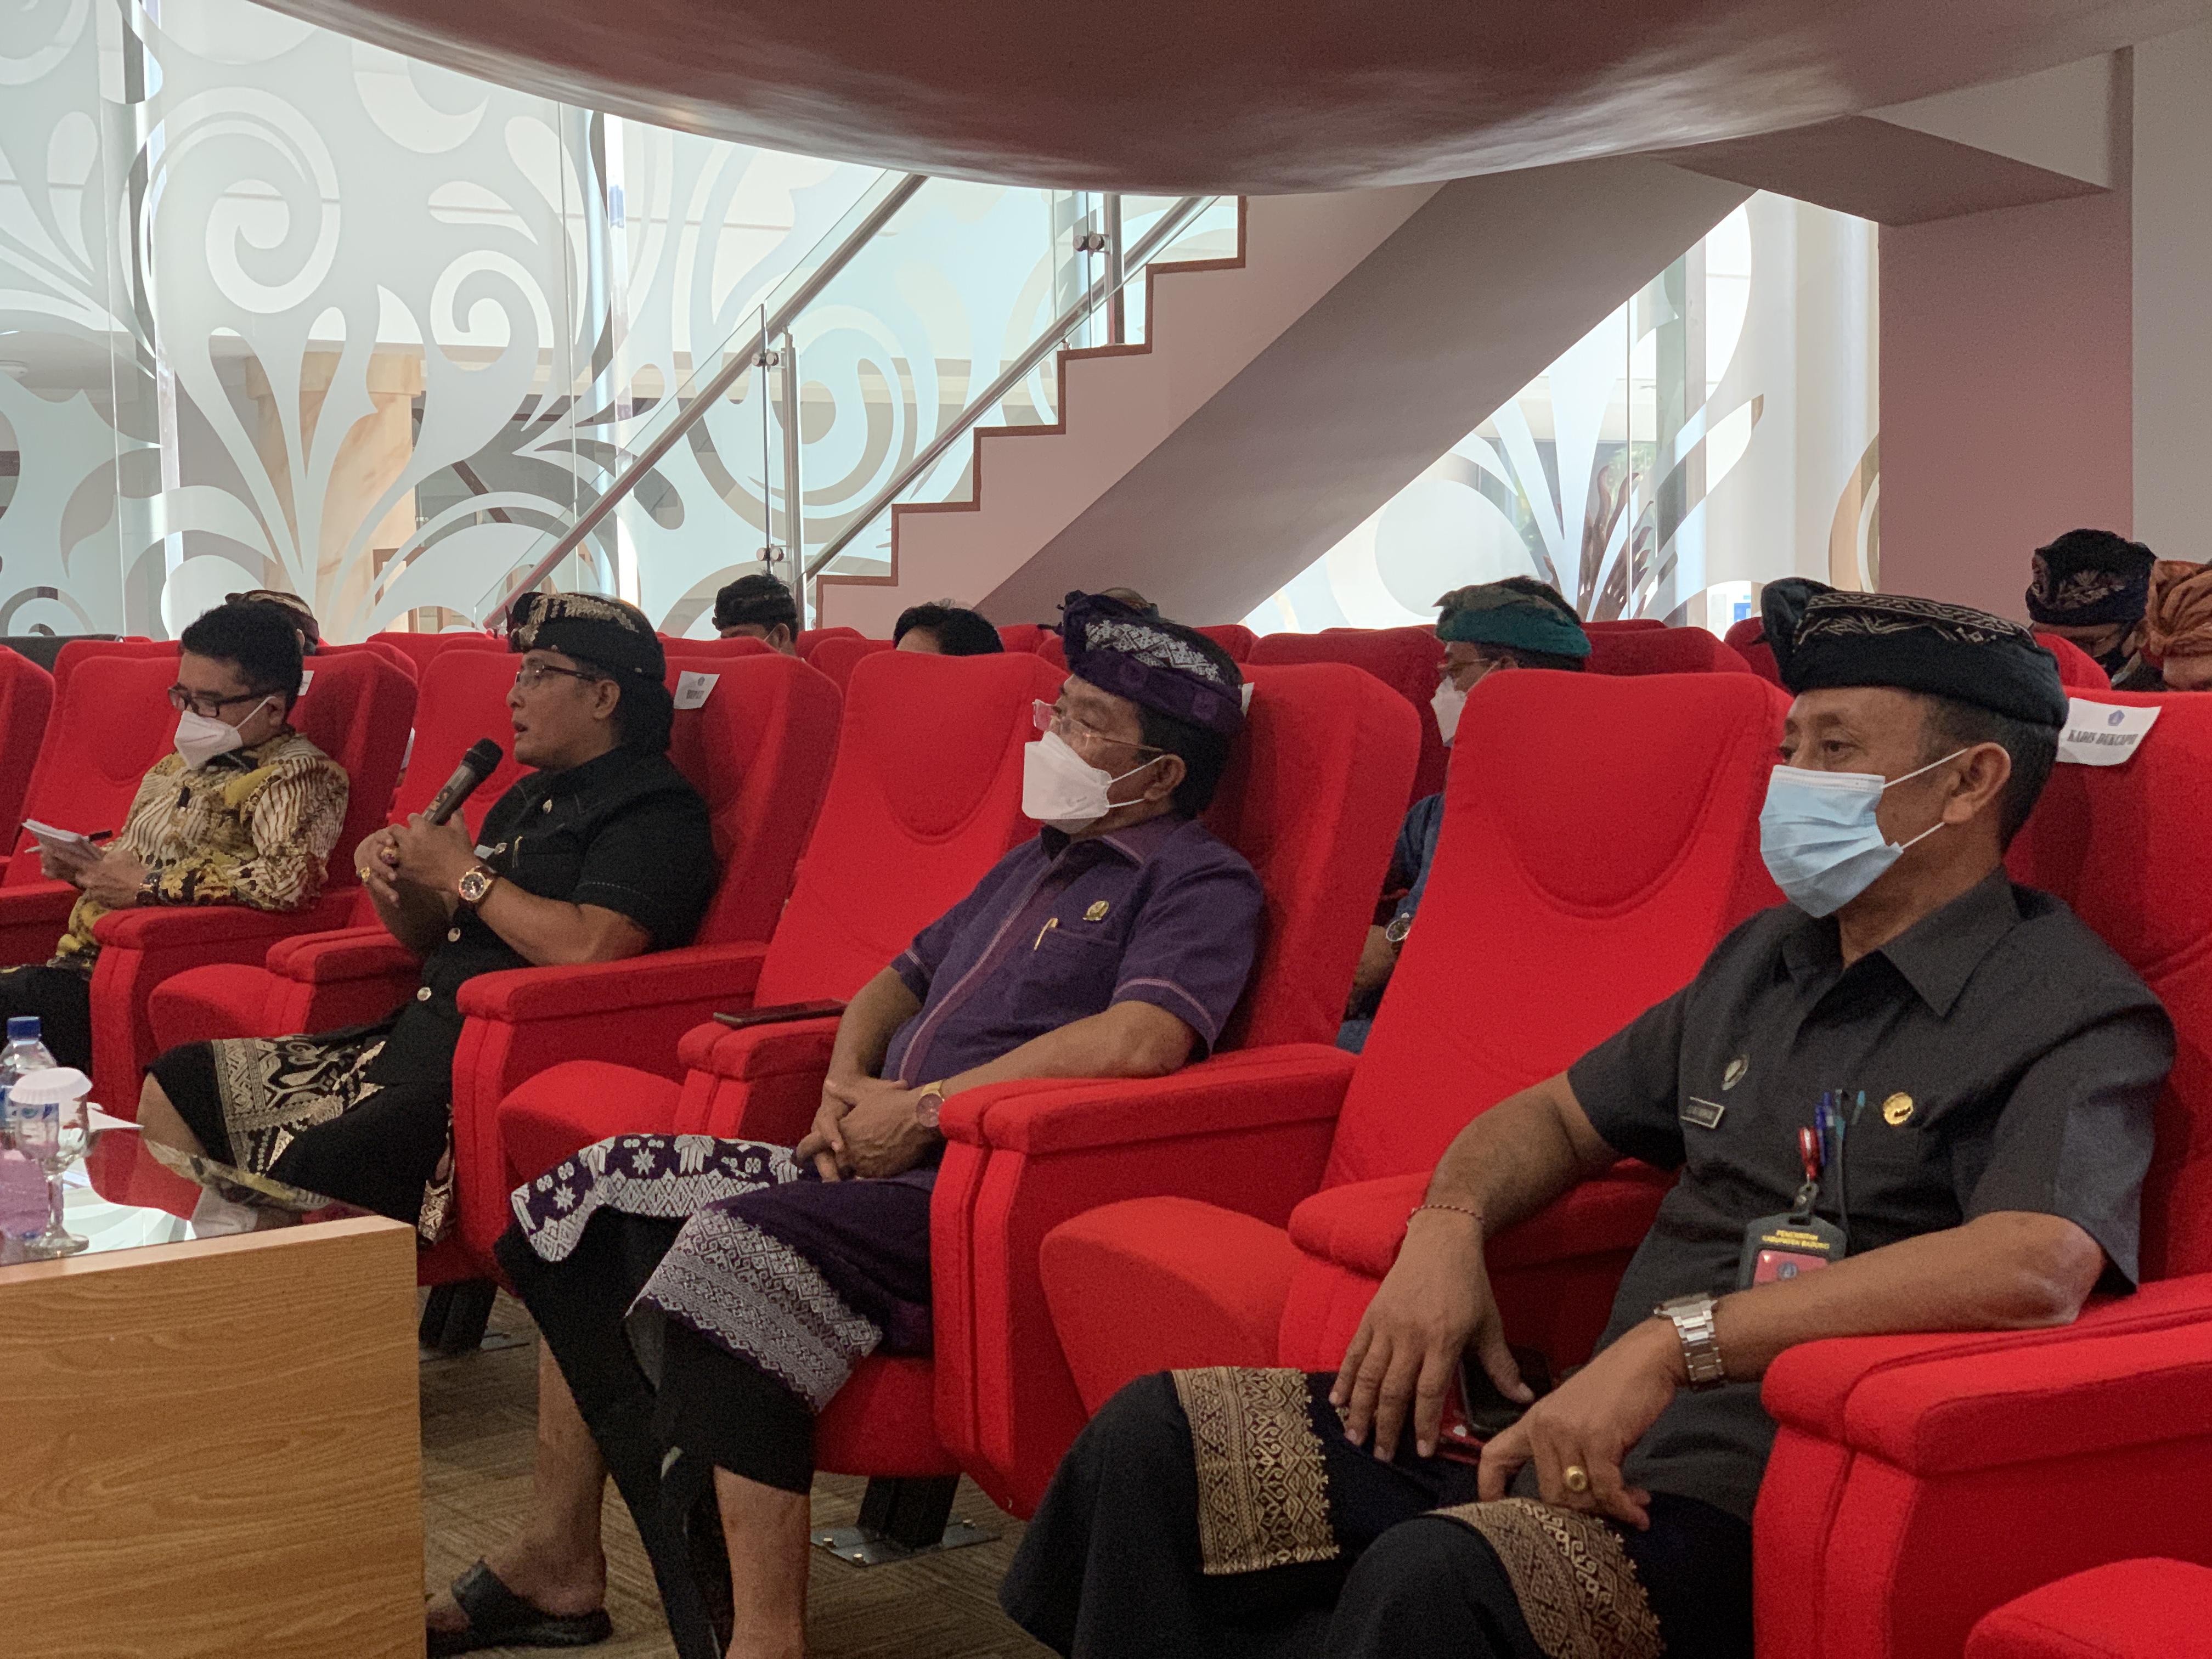 Bupati Giri Prasta Launching Inovasi Pelayanan Kesehatan dan Kependudukan di Badung BPJS Pusat Apresiasi aplikasi e-Cakep Sebagai Inovasi Kesehatan Pertama di Indonesia